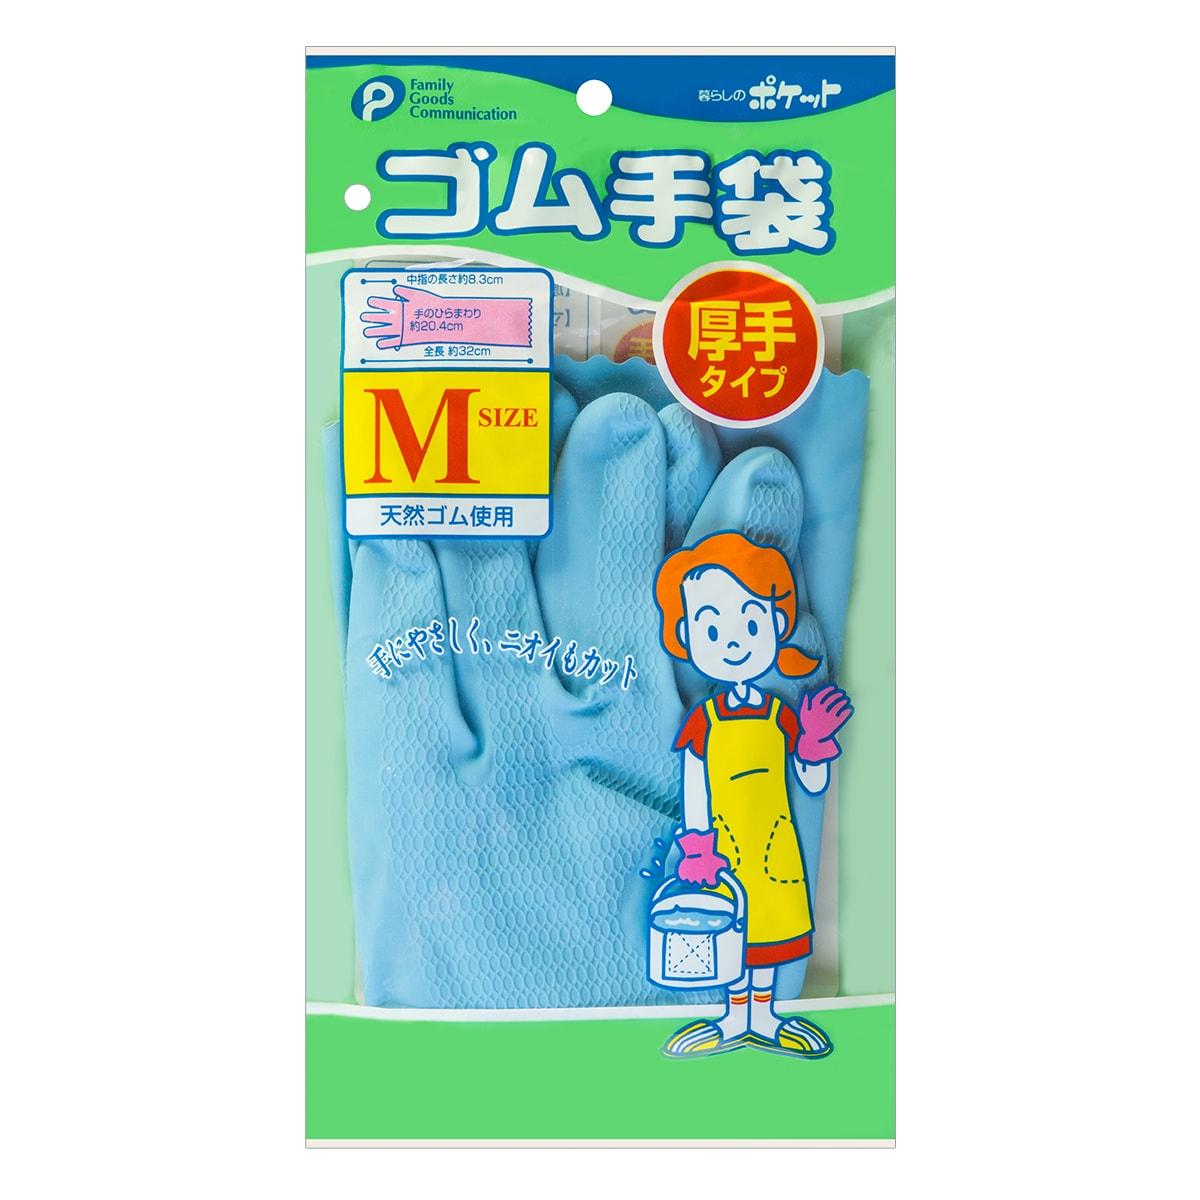 日本FAMILY GOODS 绒里橡胶手套 M码 多种颜色随机发送